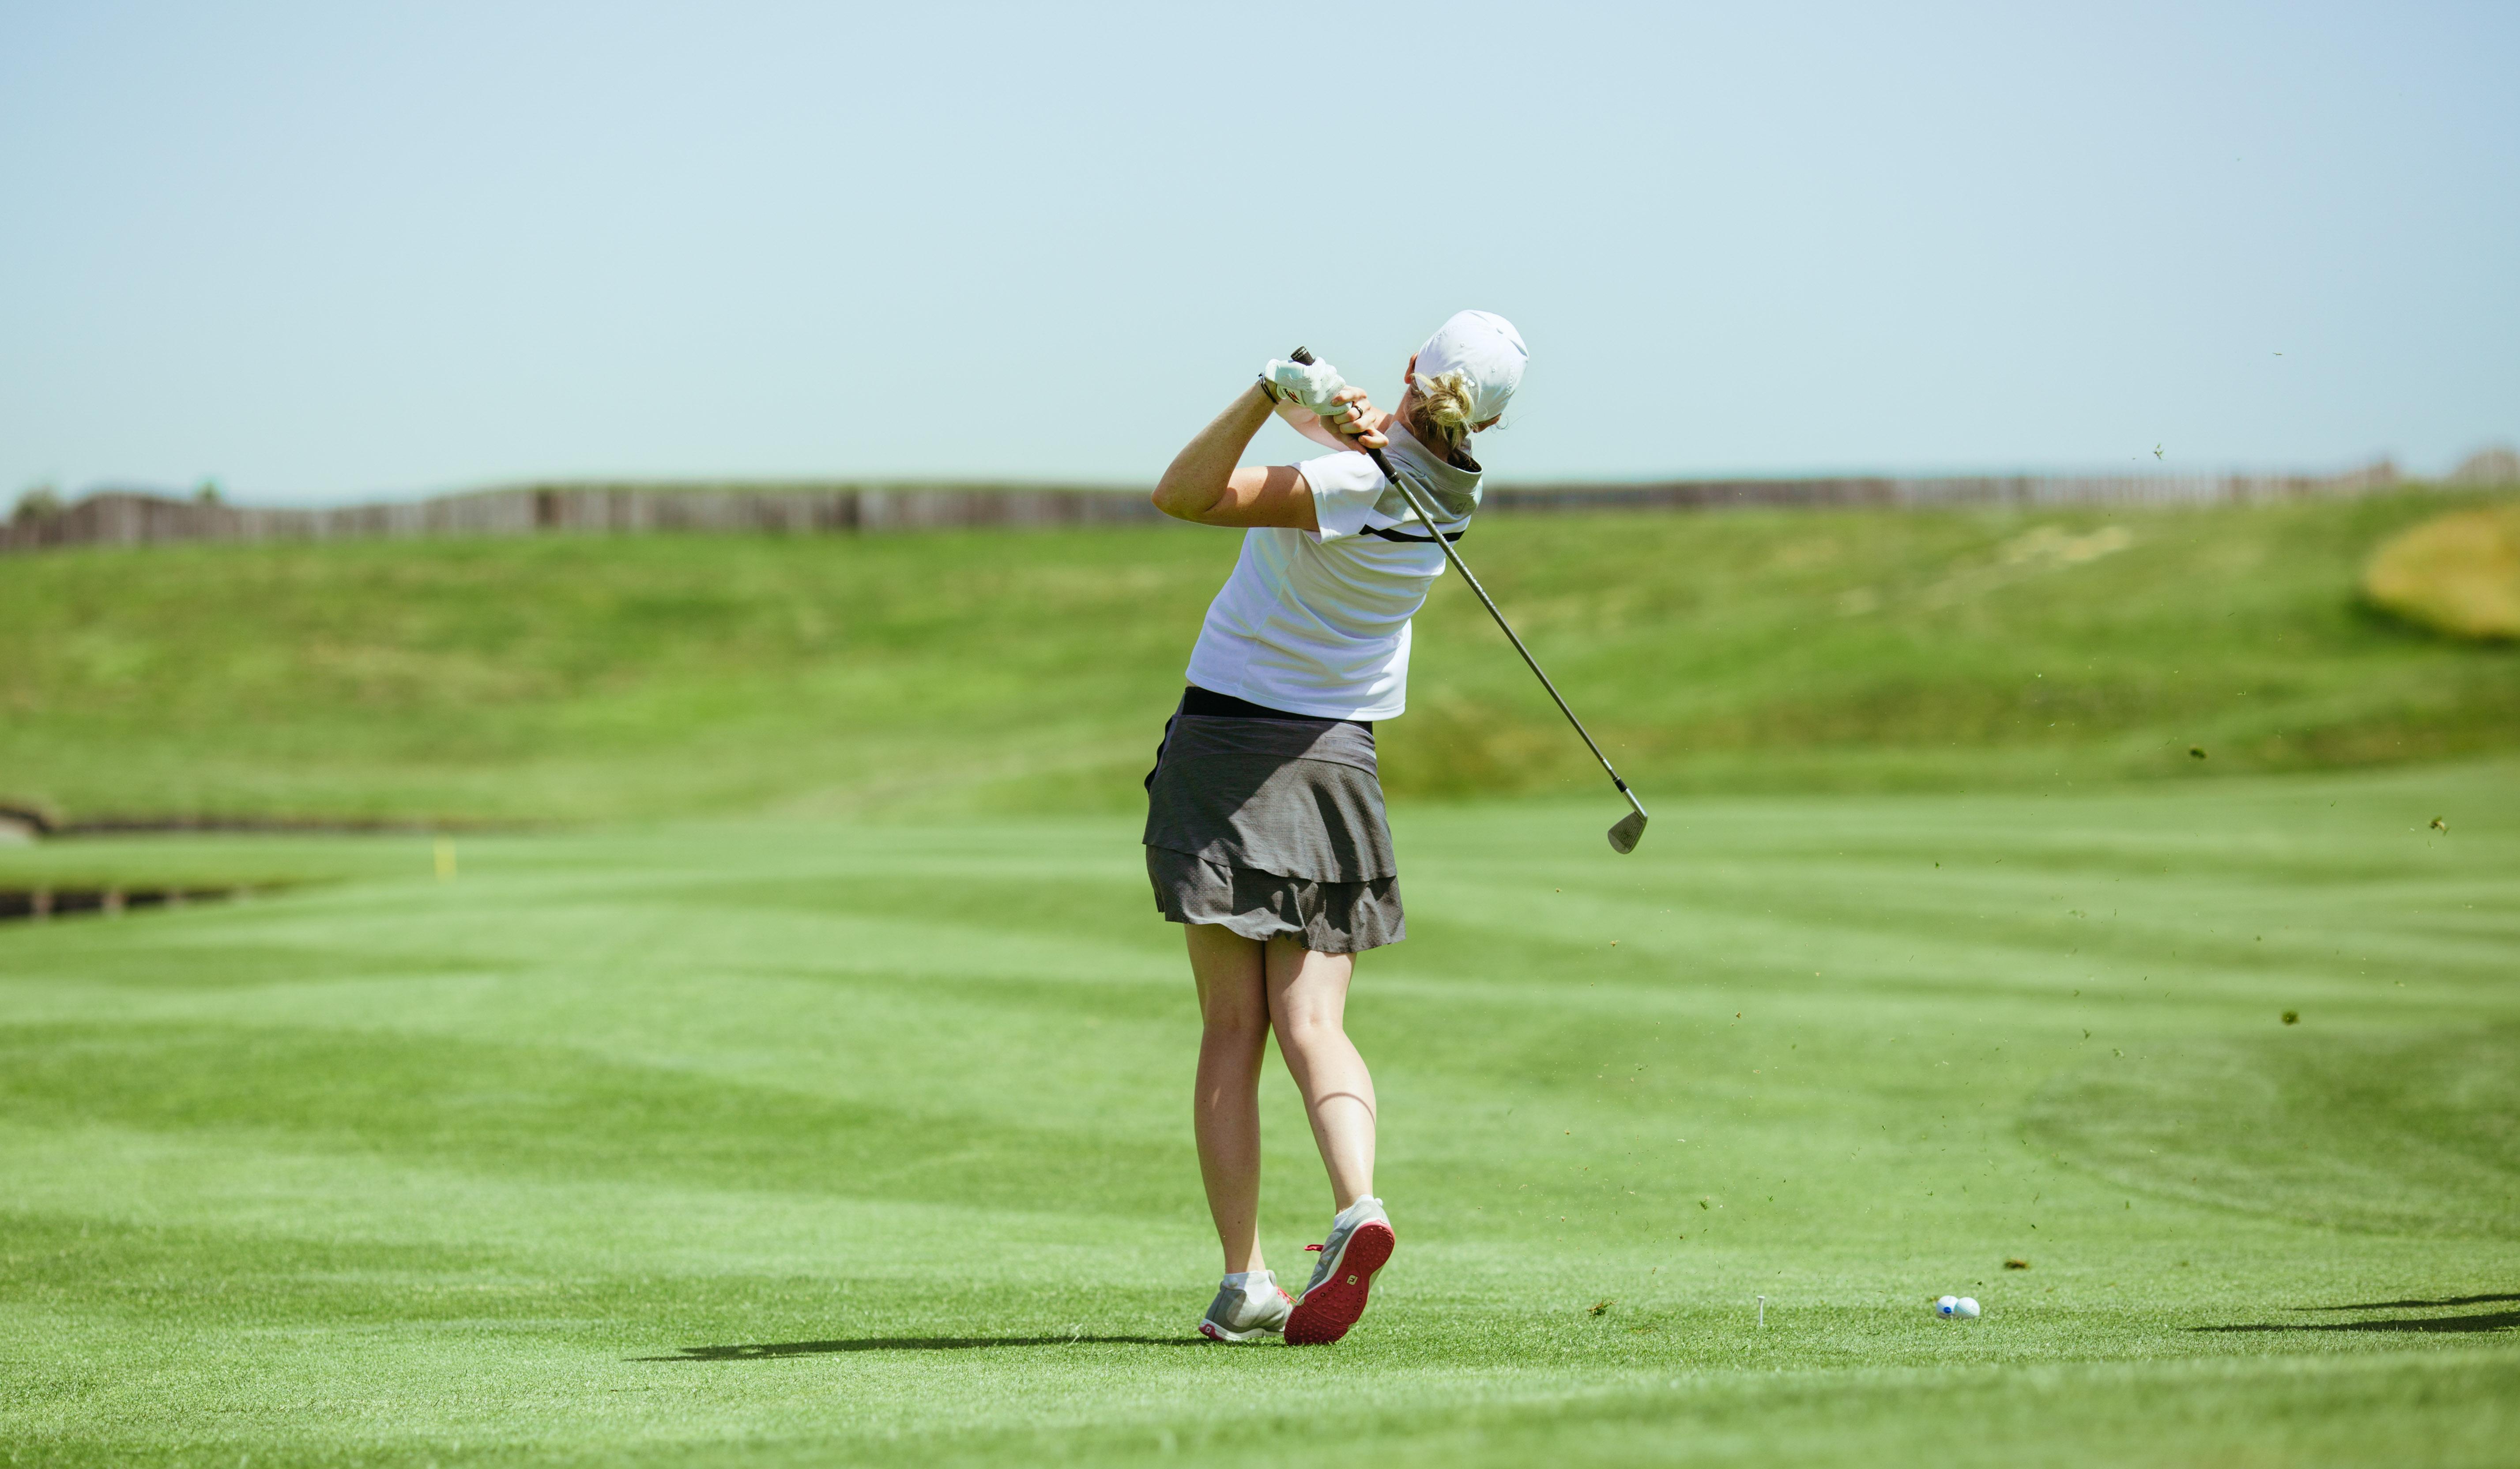 Golfeuse participant à la compétition S4M au golf national